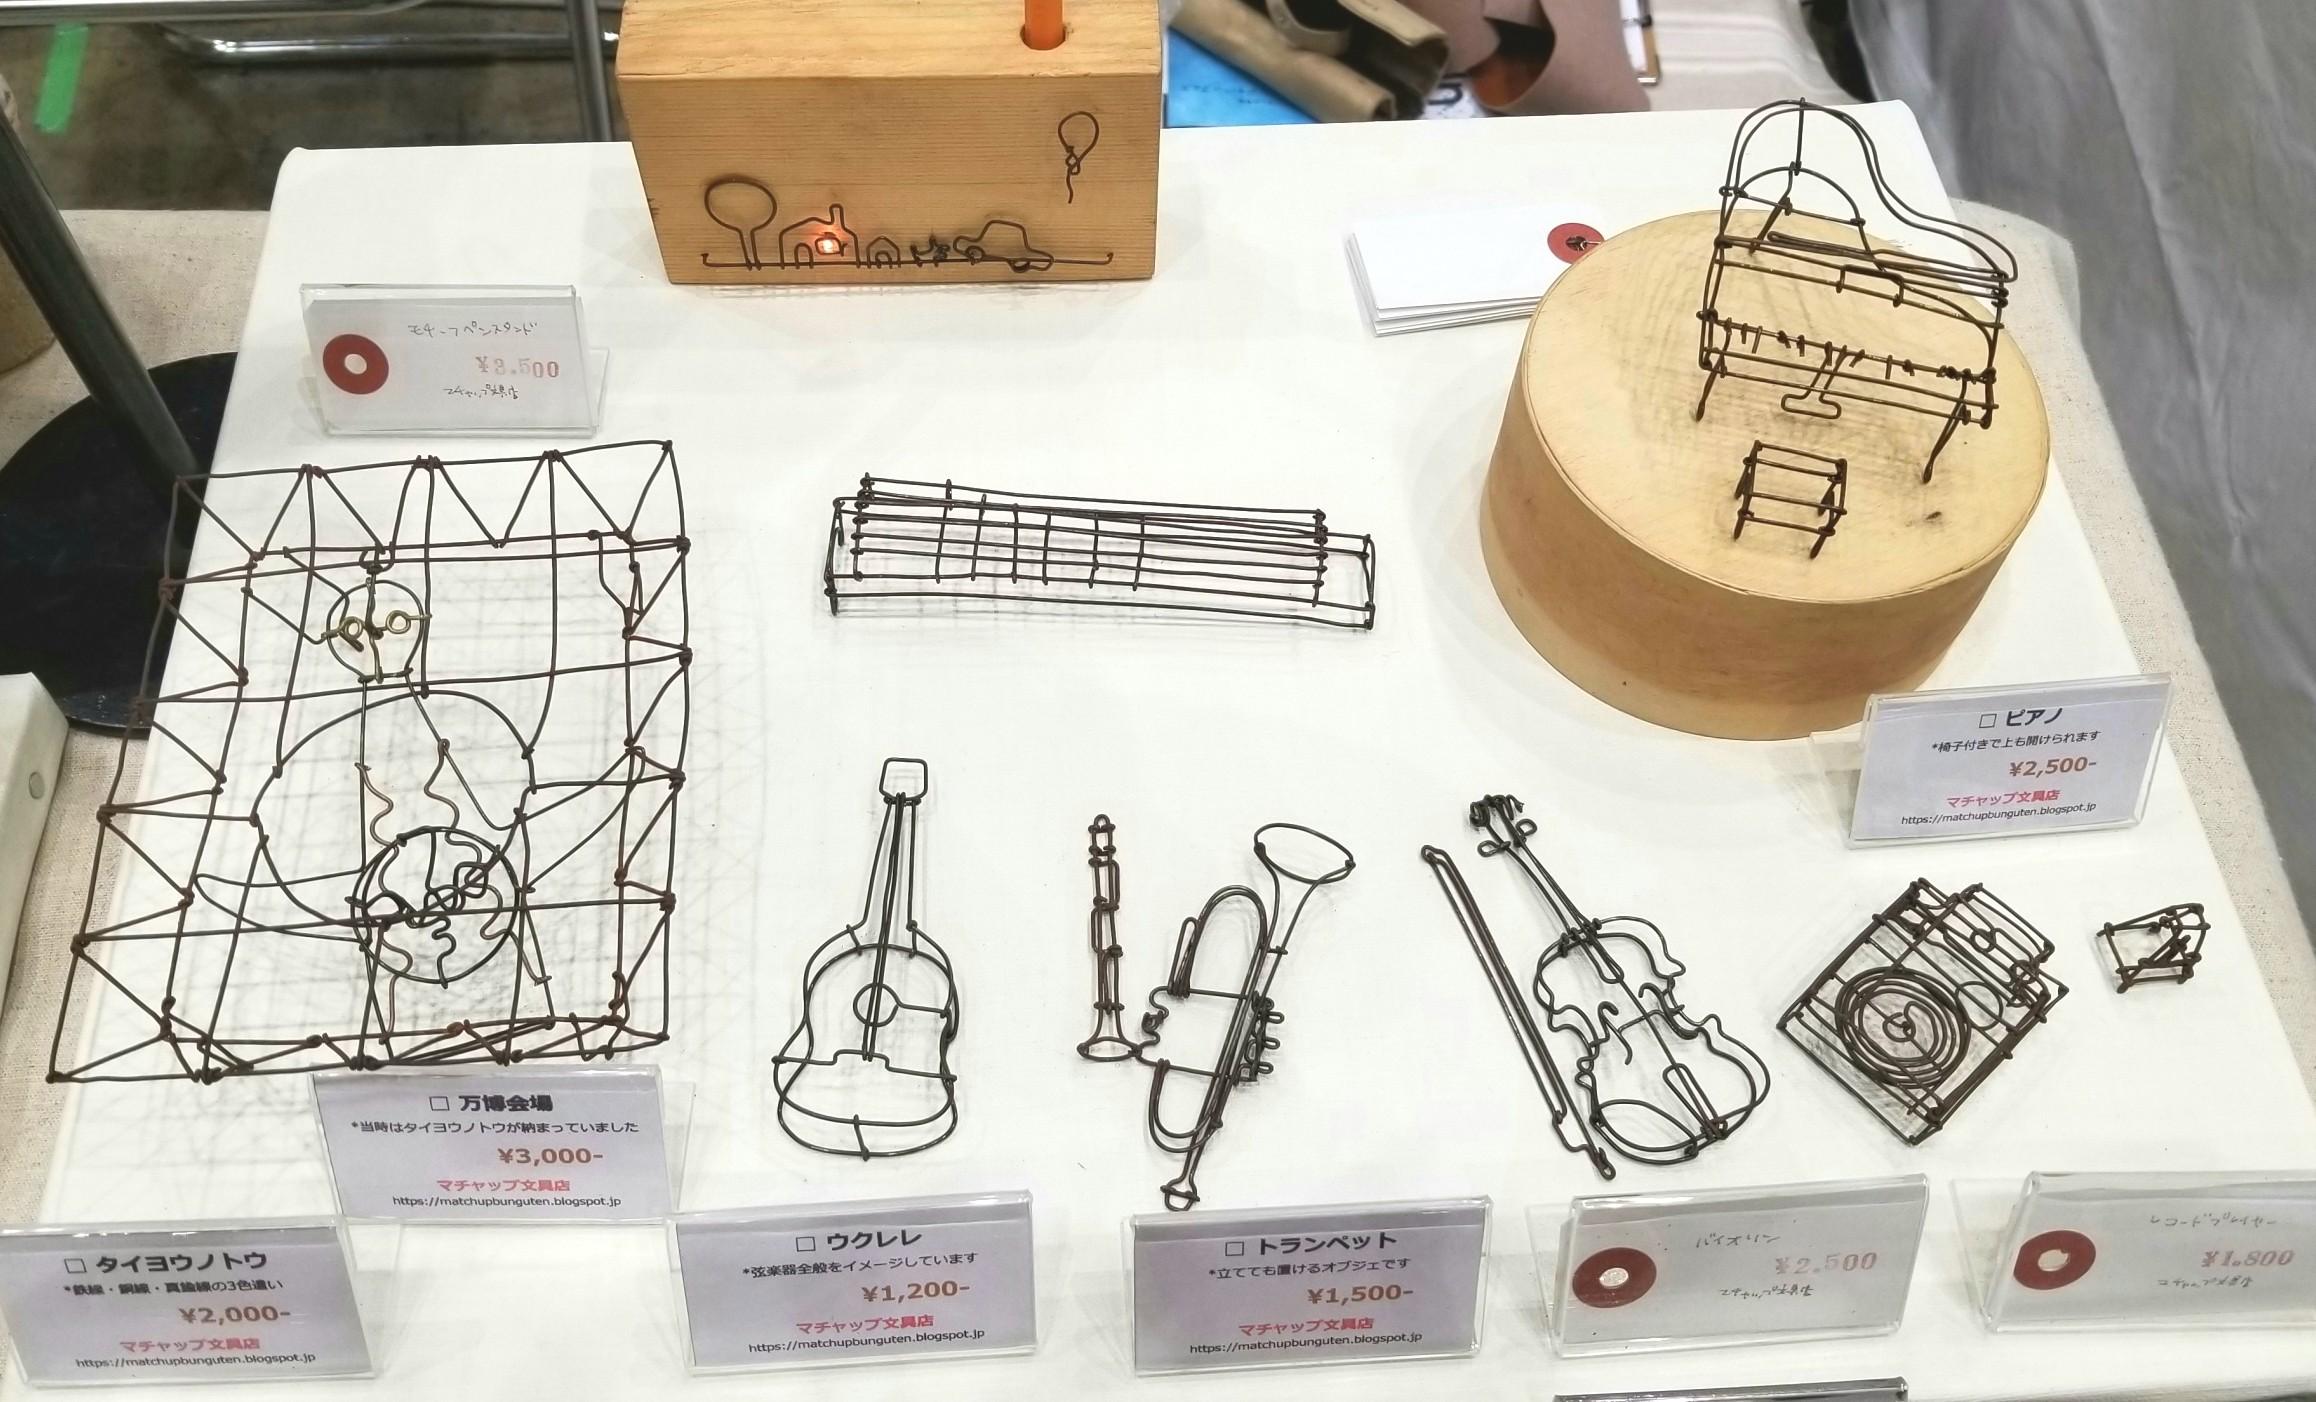 マチャップ文具店, 針金アート, ワイヤーアート,ミニチュア